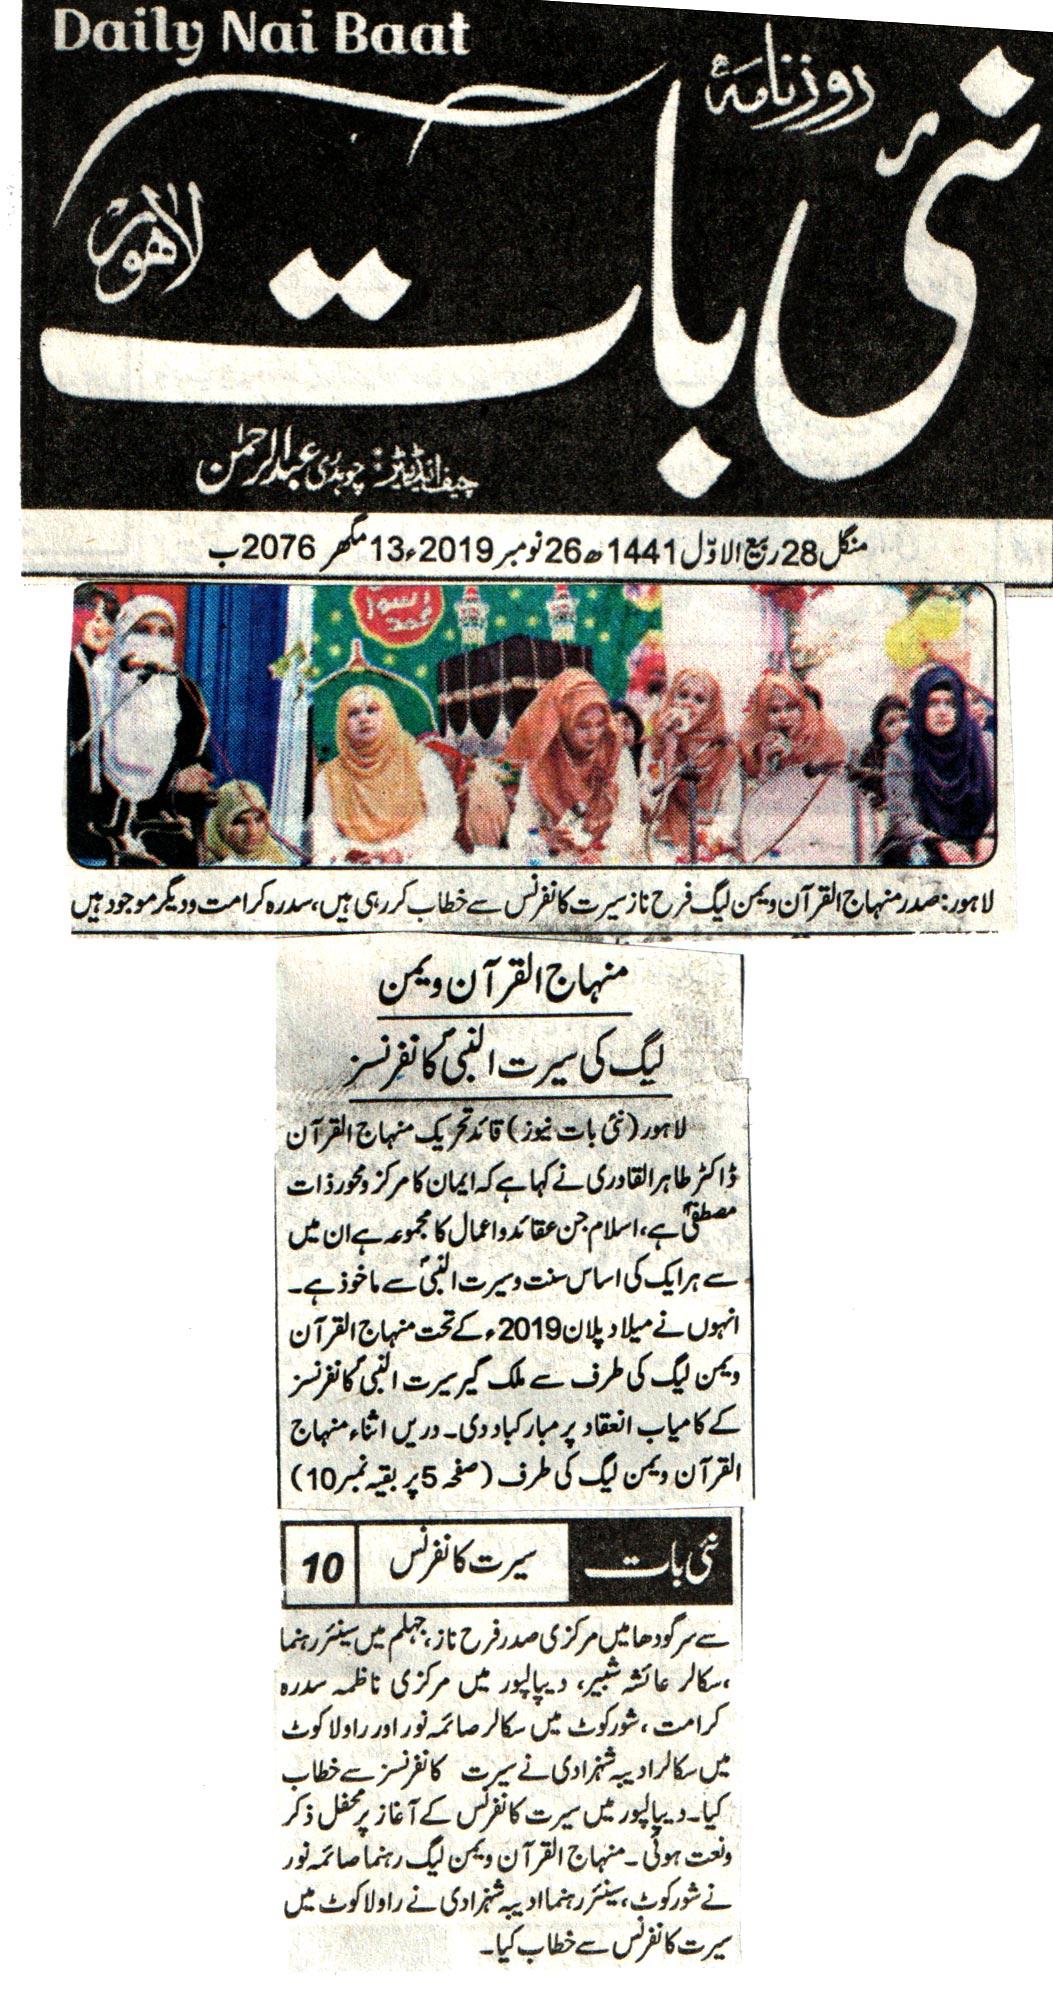 تحریک منہاج القرآن Pakistan Awami Tehreek  Print Media Coverage پرنٹ میڈیا کوریج Daily Nai Baat